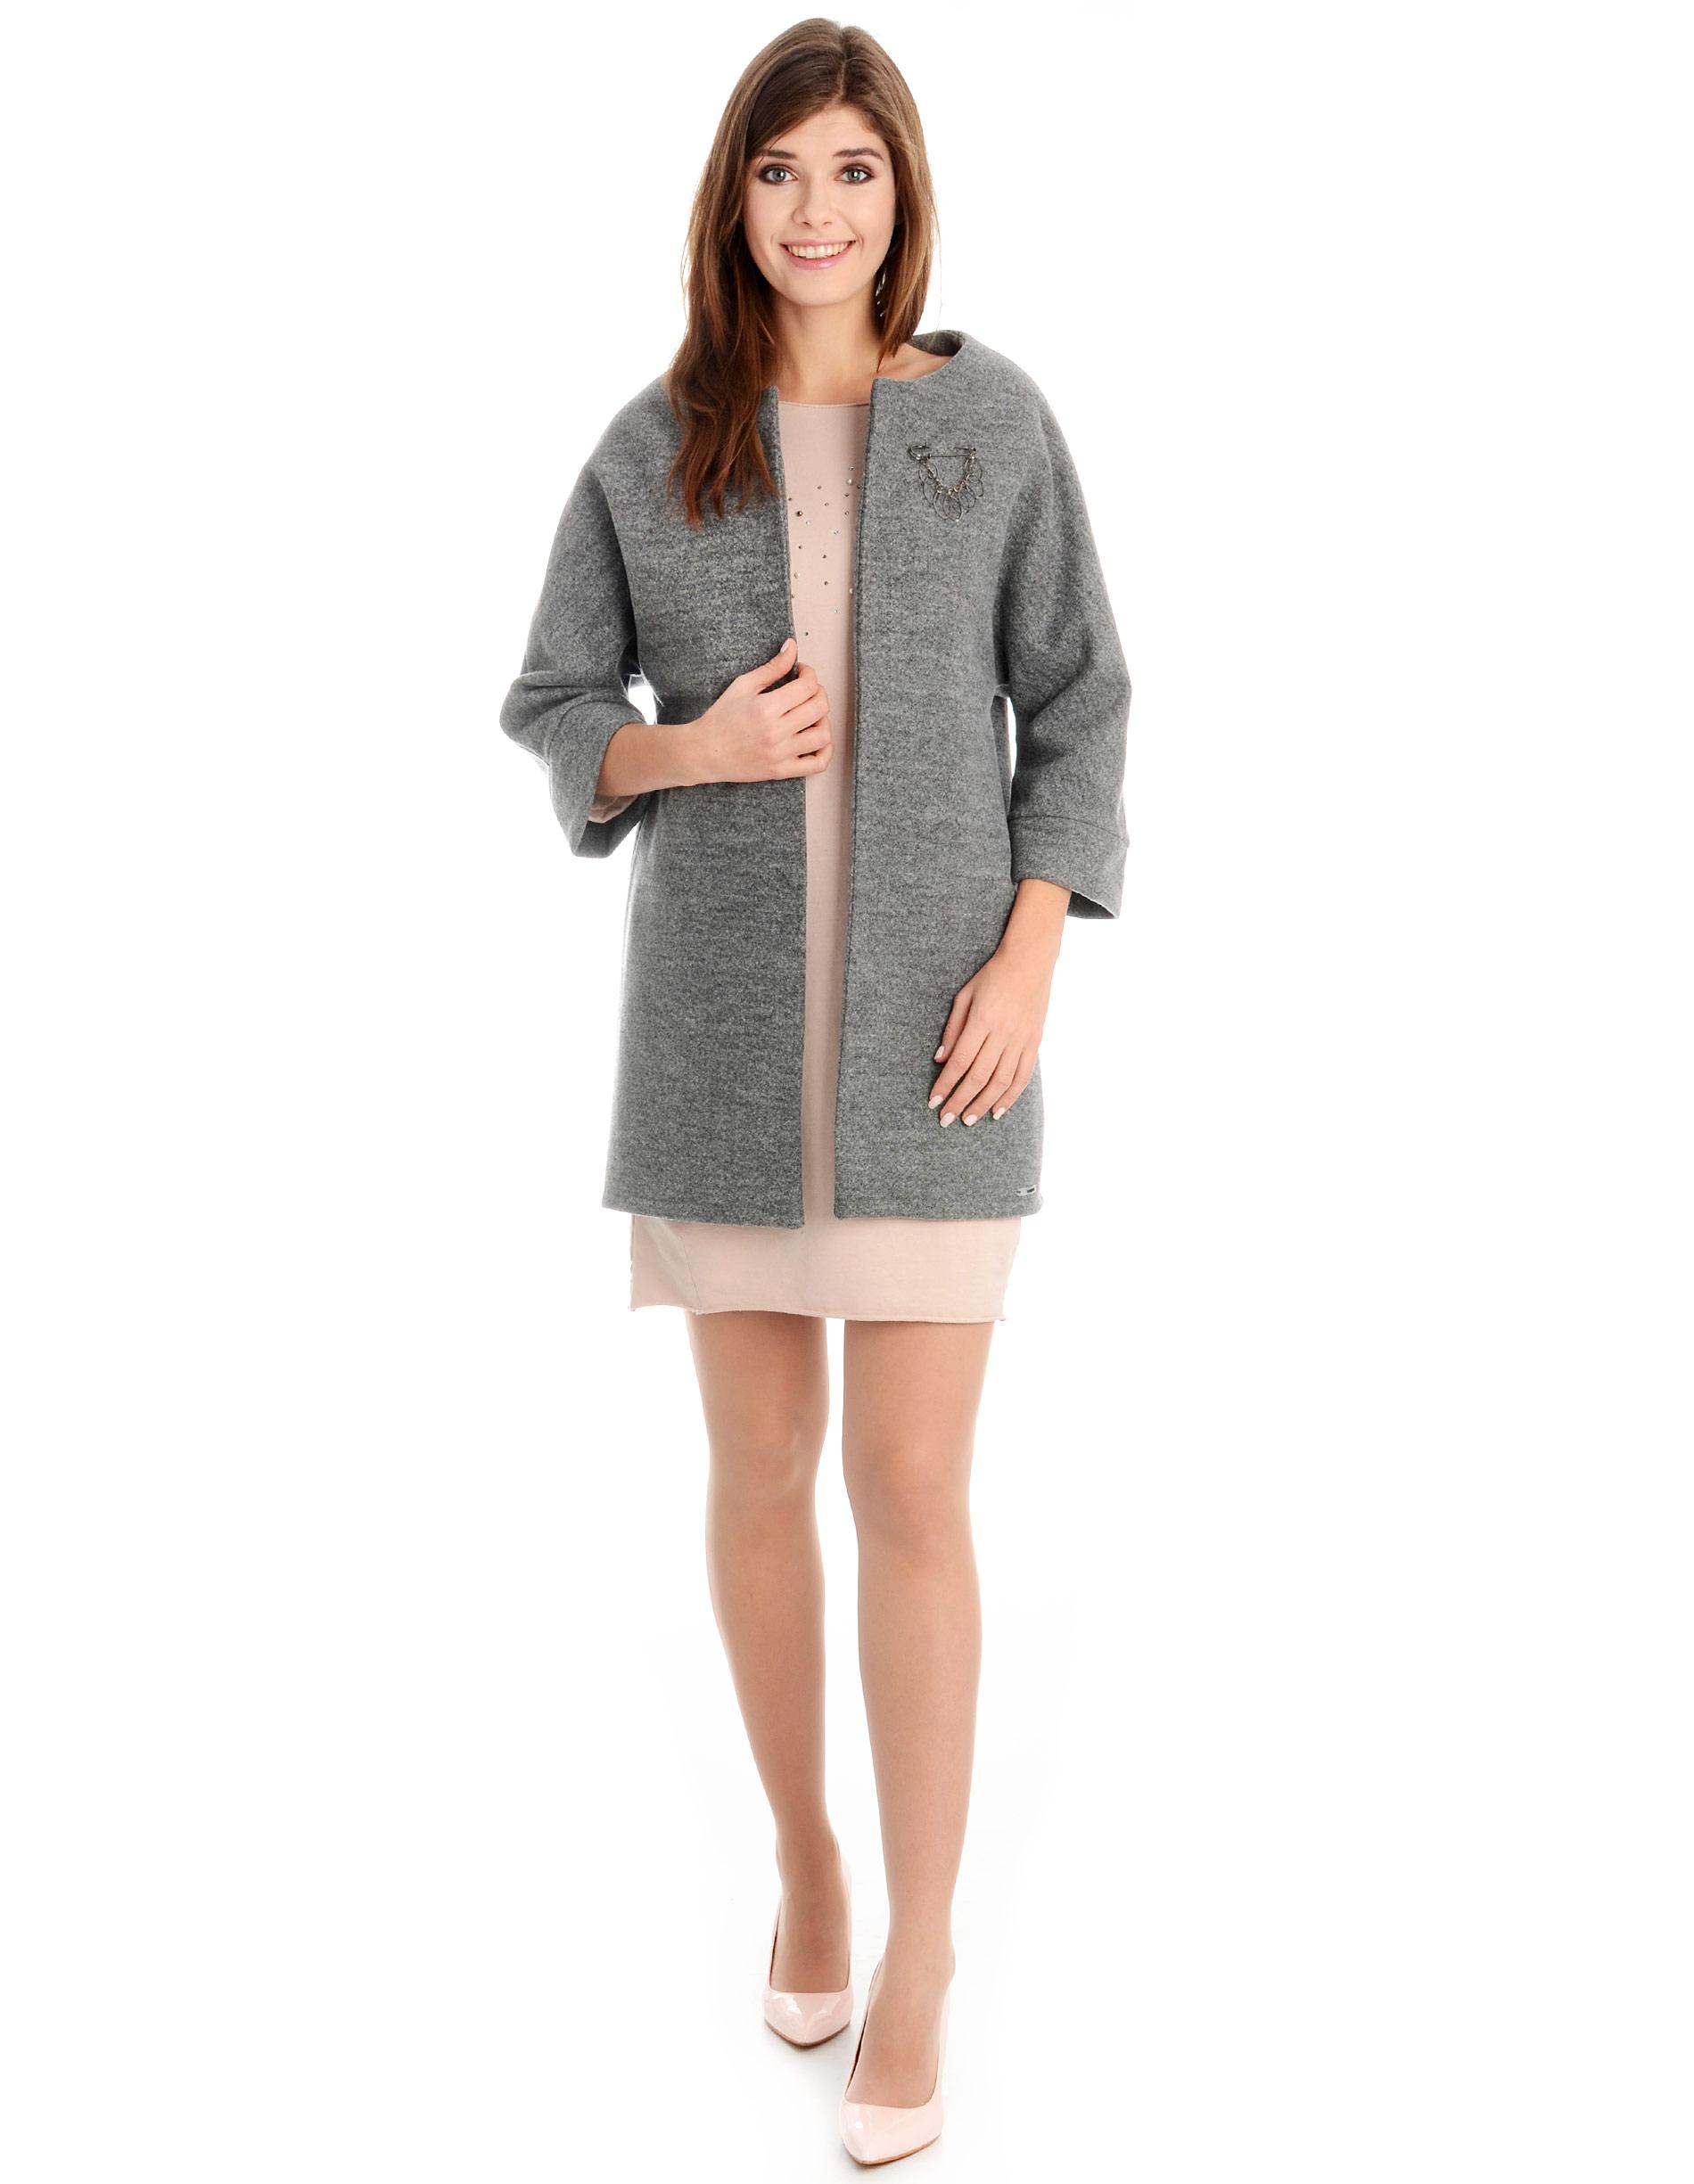 Płaszcz materiałowy - 34-3690 GRIGI - Unisono